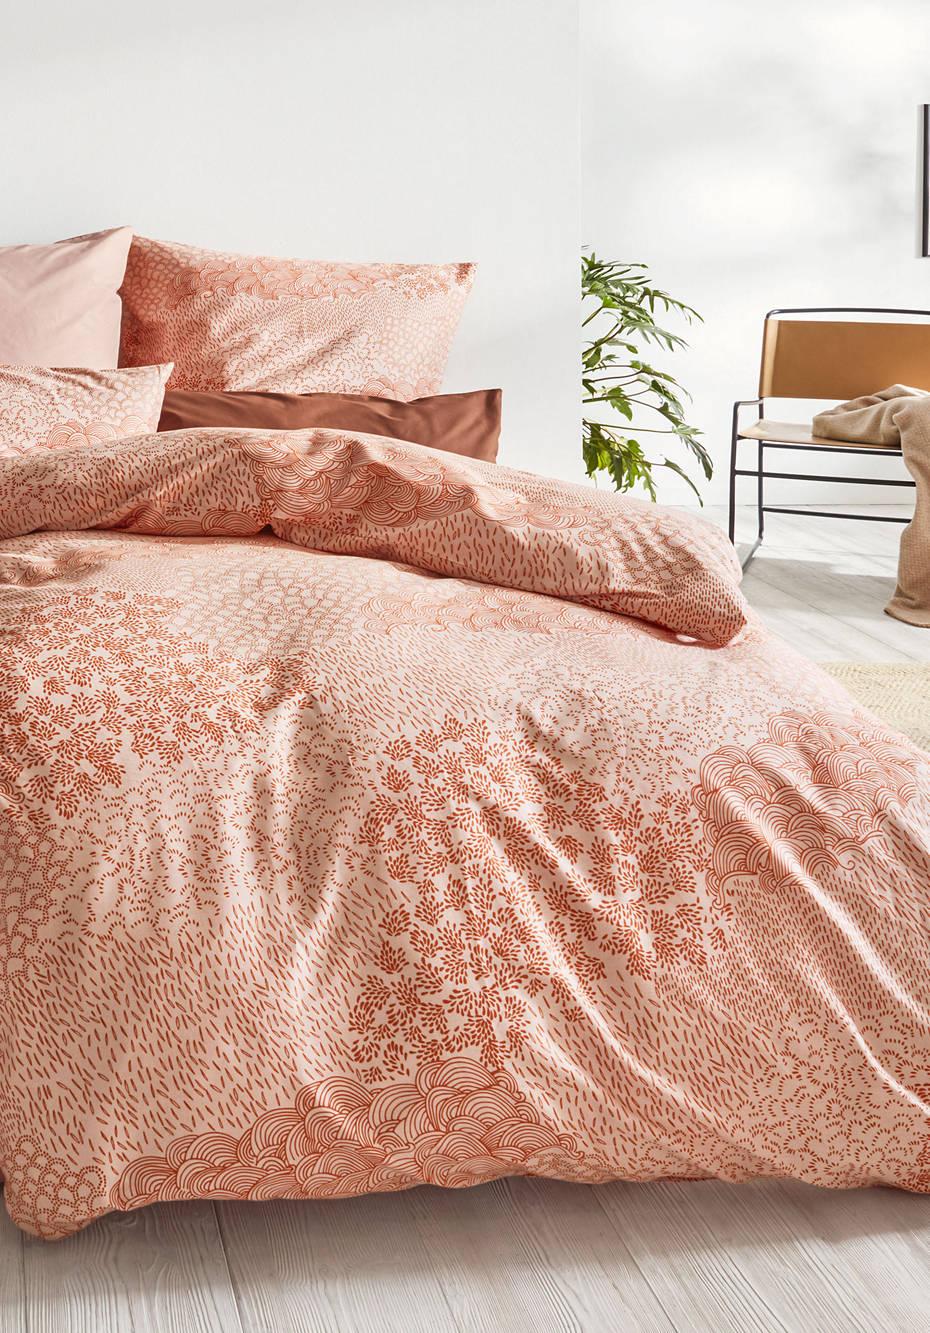 Satin-Bettwäsche Jasugono aus reiner Bio-Baumwolle